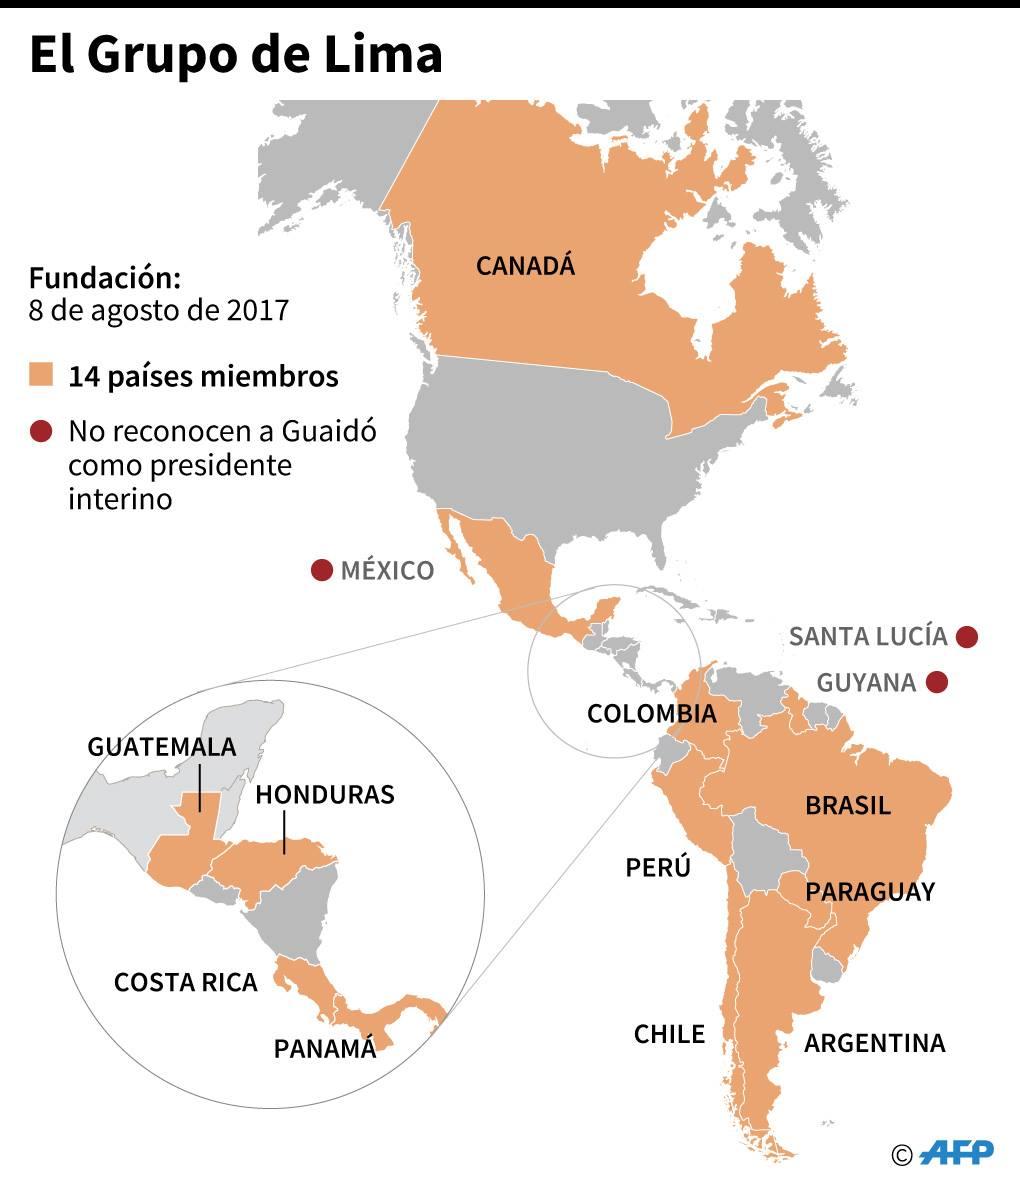 Algunos países de América no forman parte del Grupo de Lima.